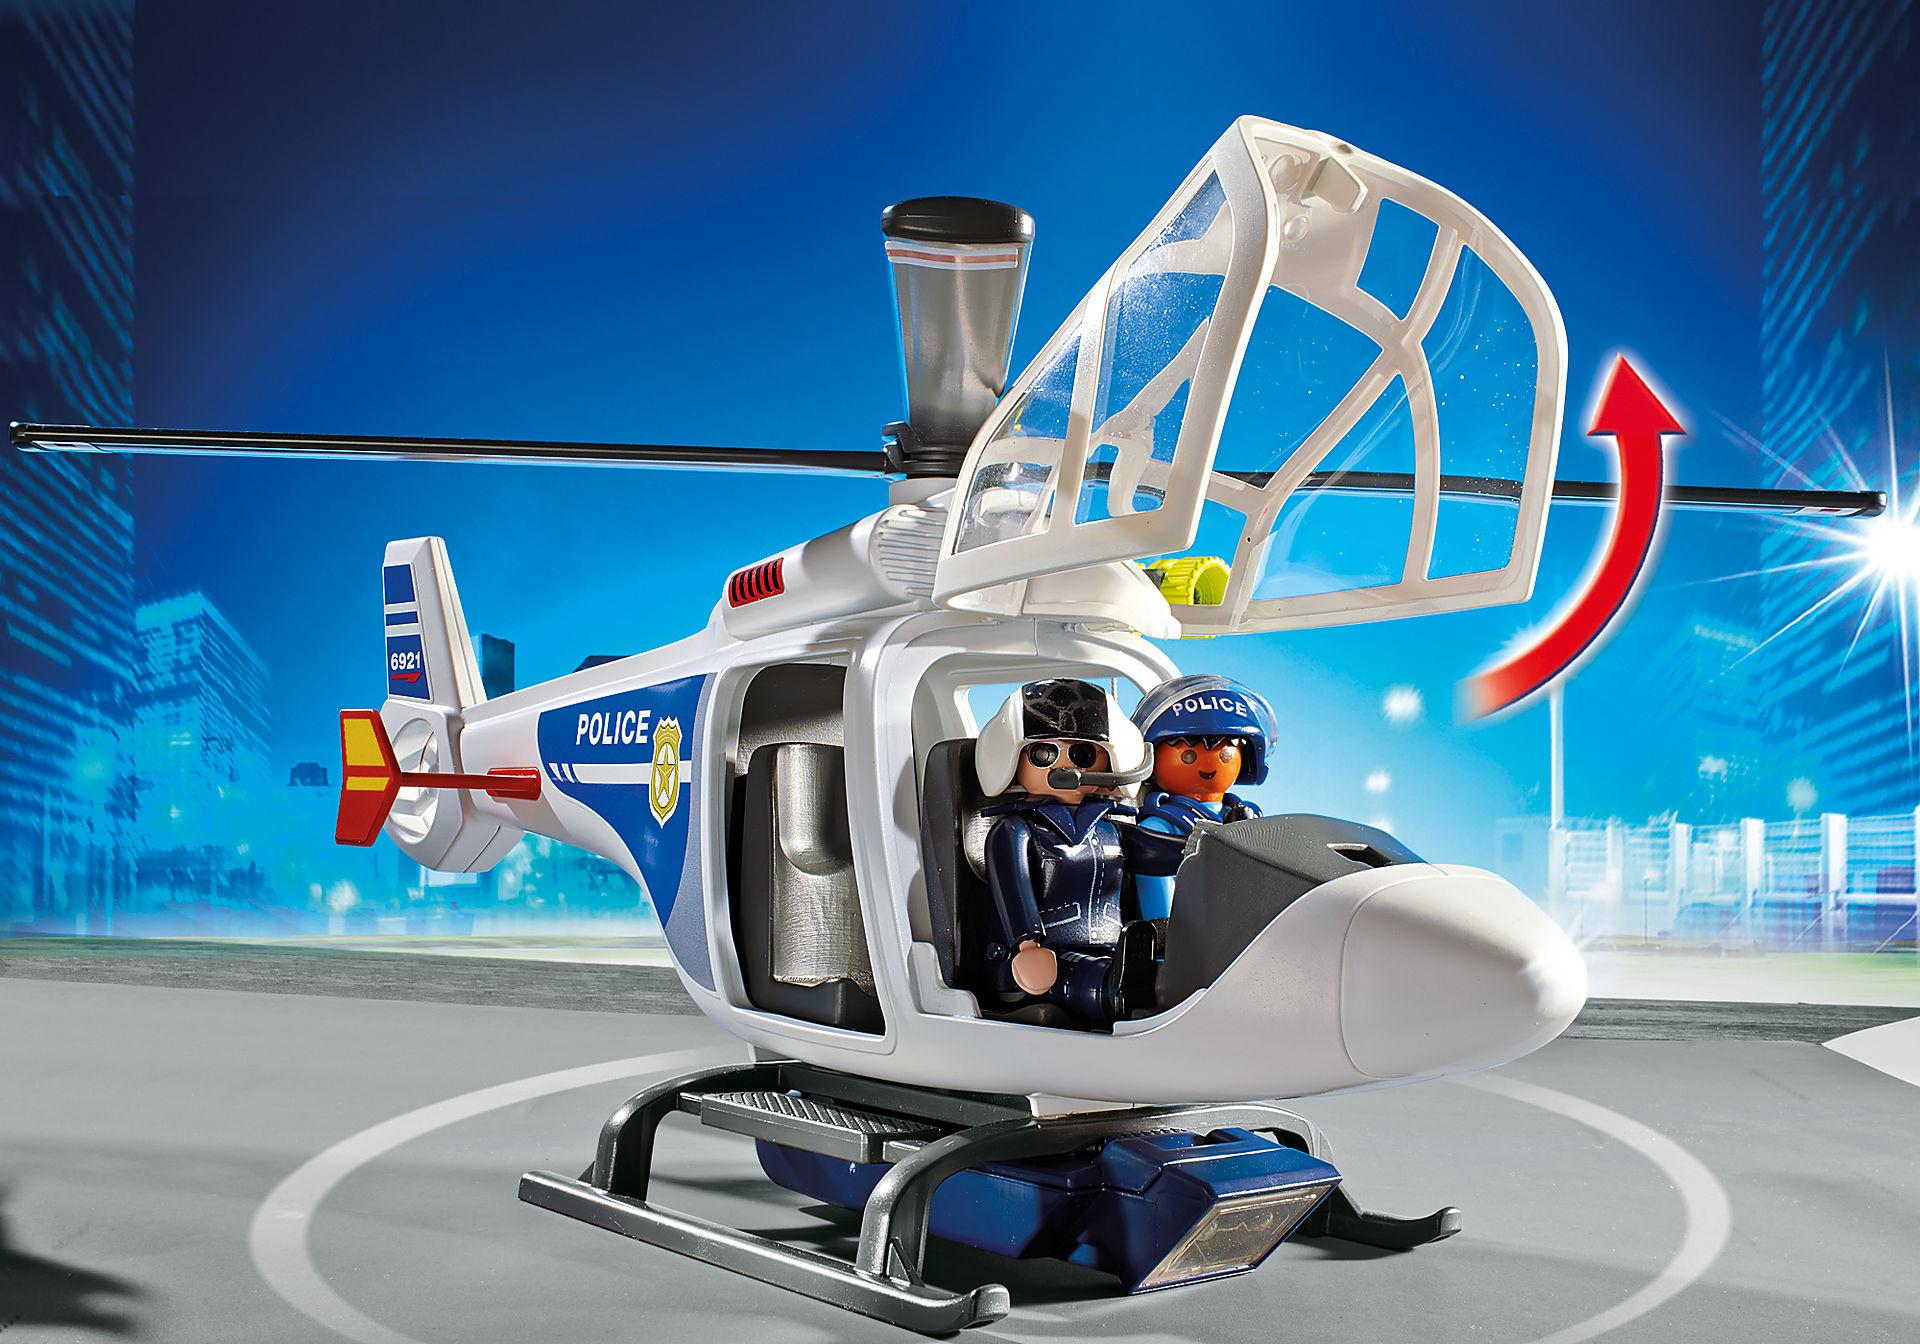 6921 Helicóptero da Polícia com luzes LED zoom image4